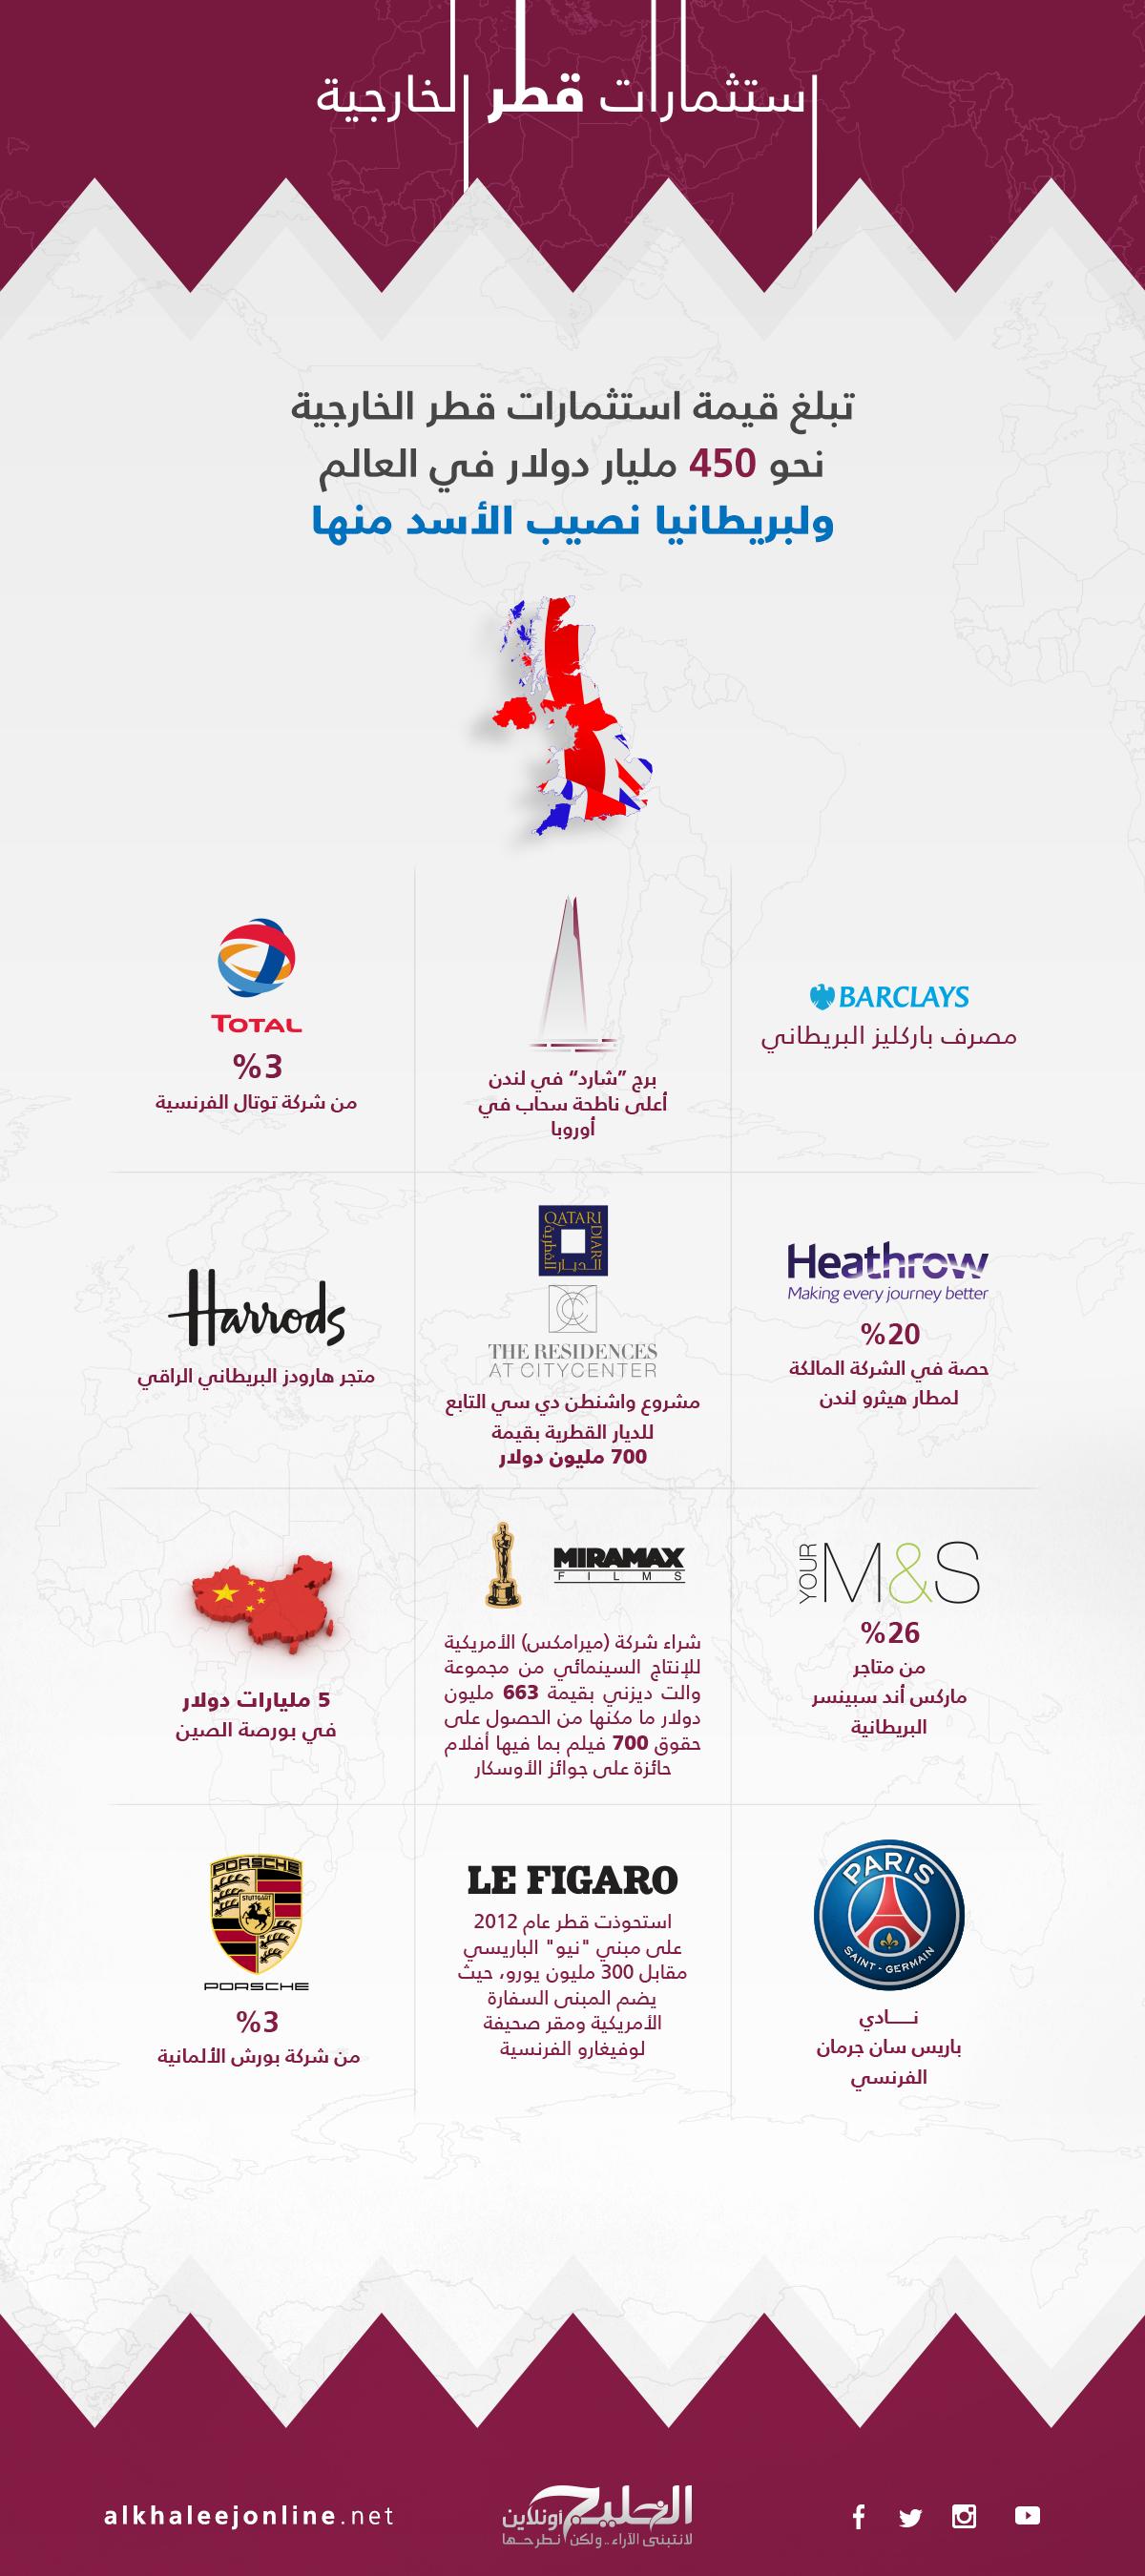 استثمارات-قطر-الخارجية